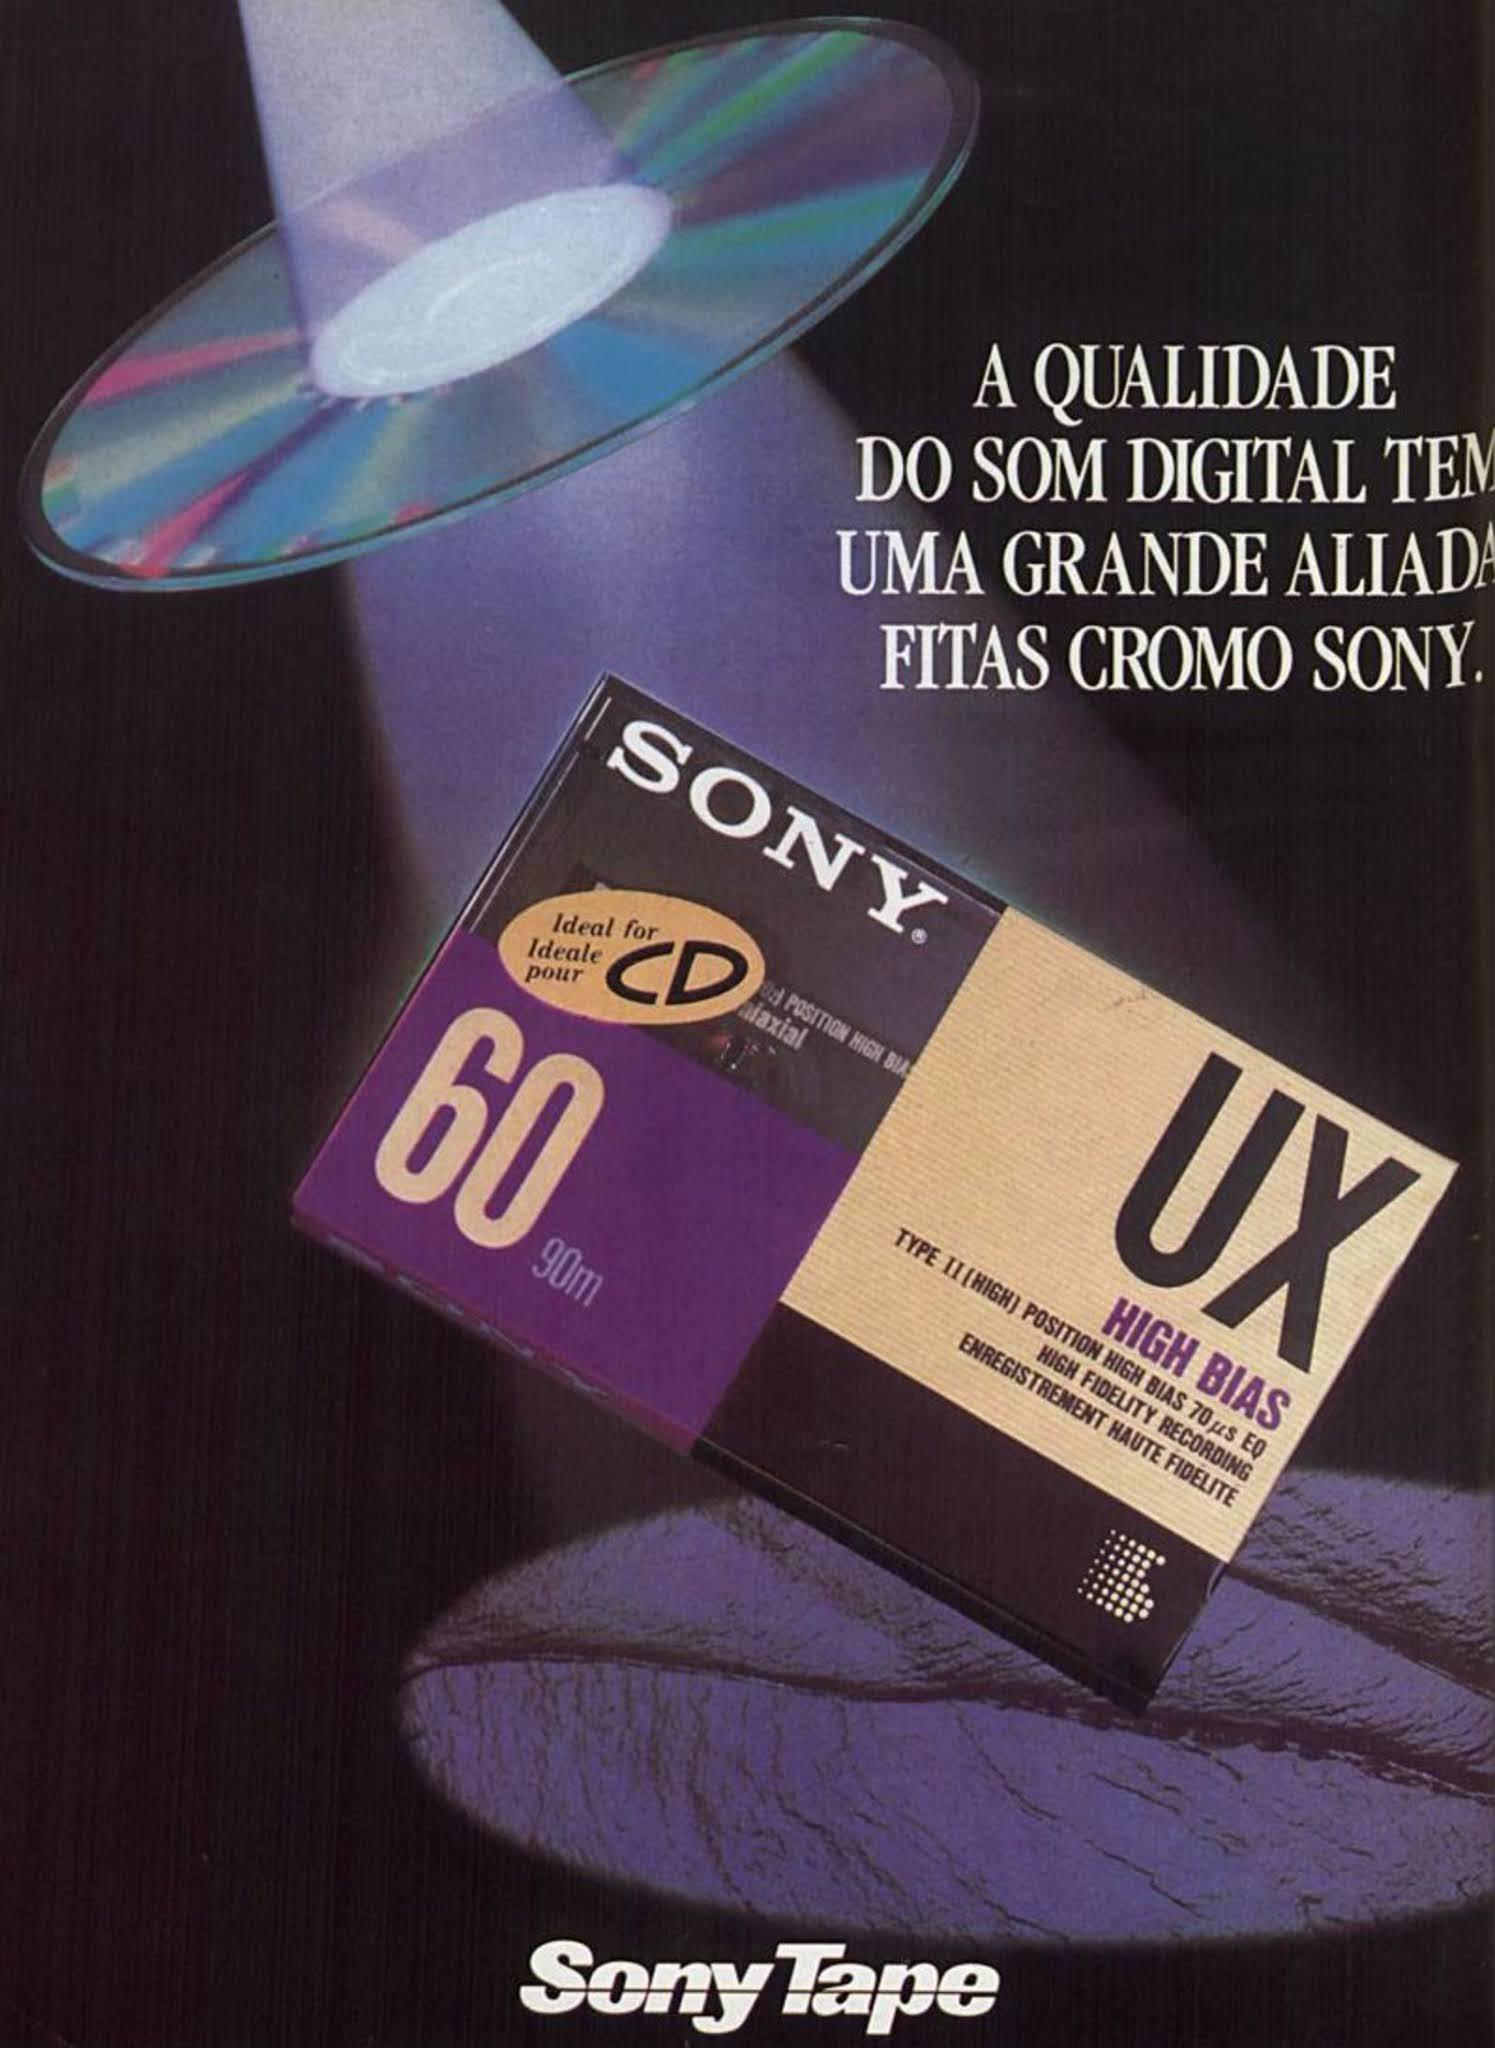 Anúncio da Sony promovendo sua fita cassete em 1992